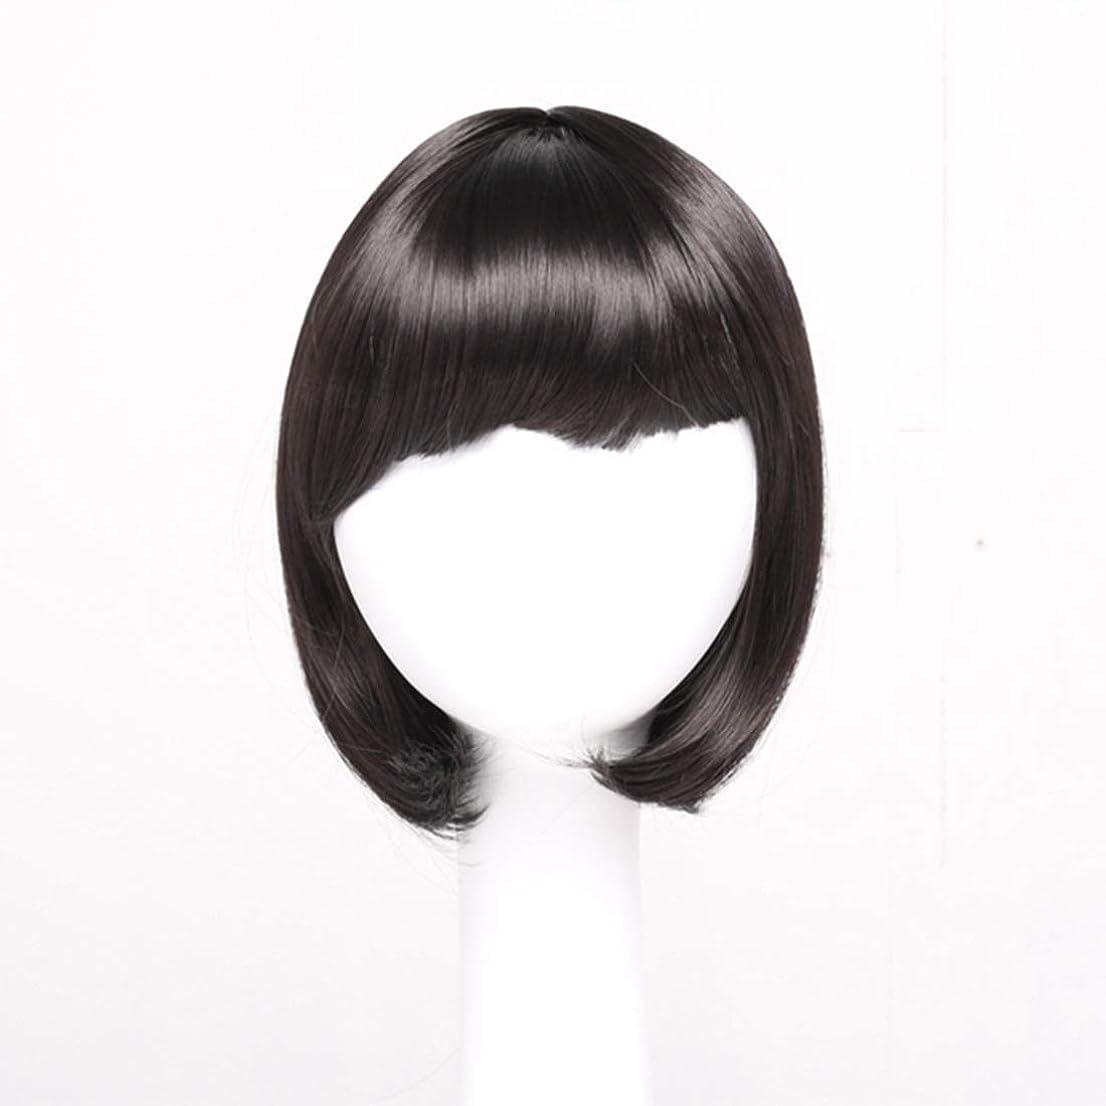 奴隷理容室申し立てKerwinner レディースブラックショートストレートヘアー前髪付き前髪ウェーブヘッドかつらセットヘッドギア (Color : Navy brown)